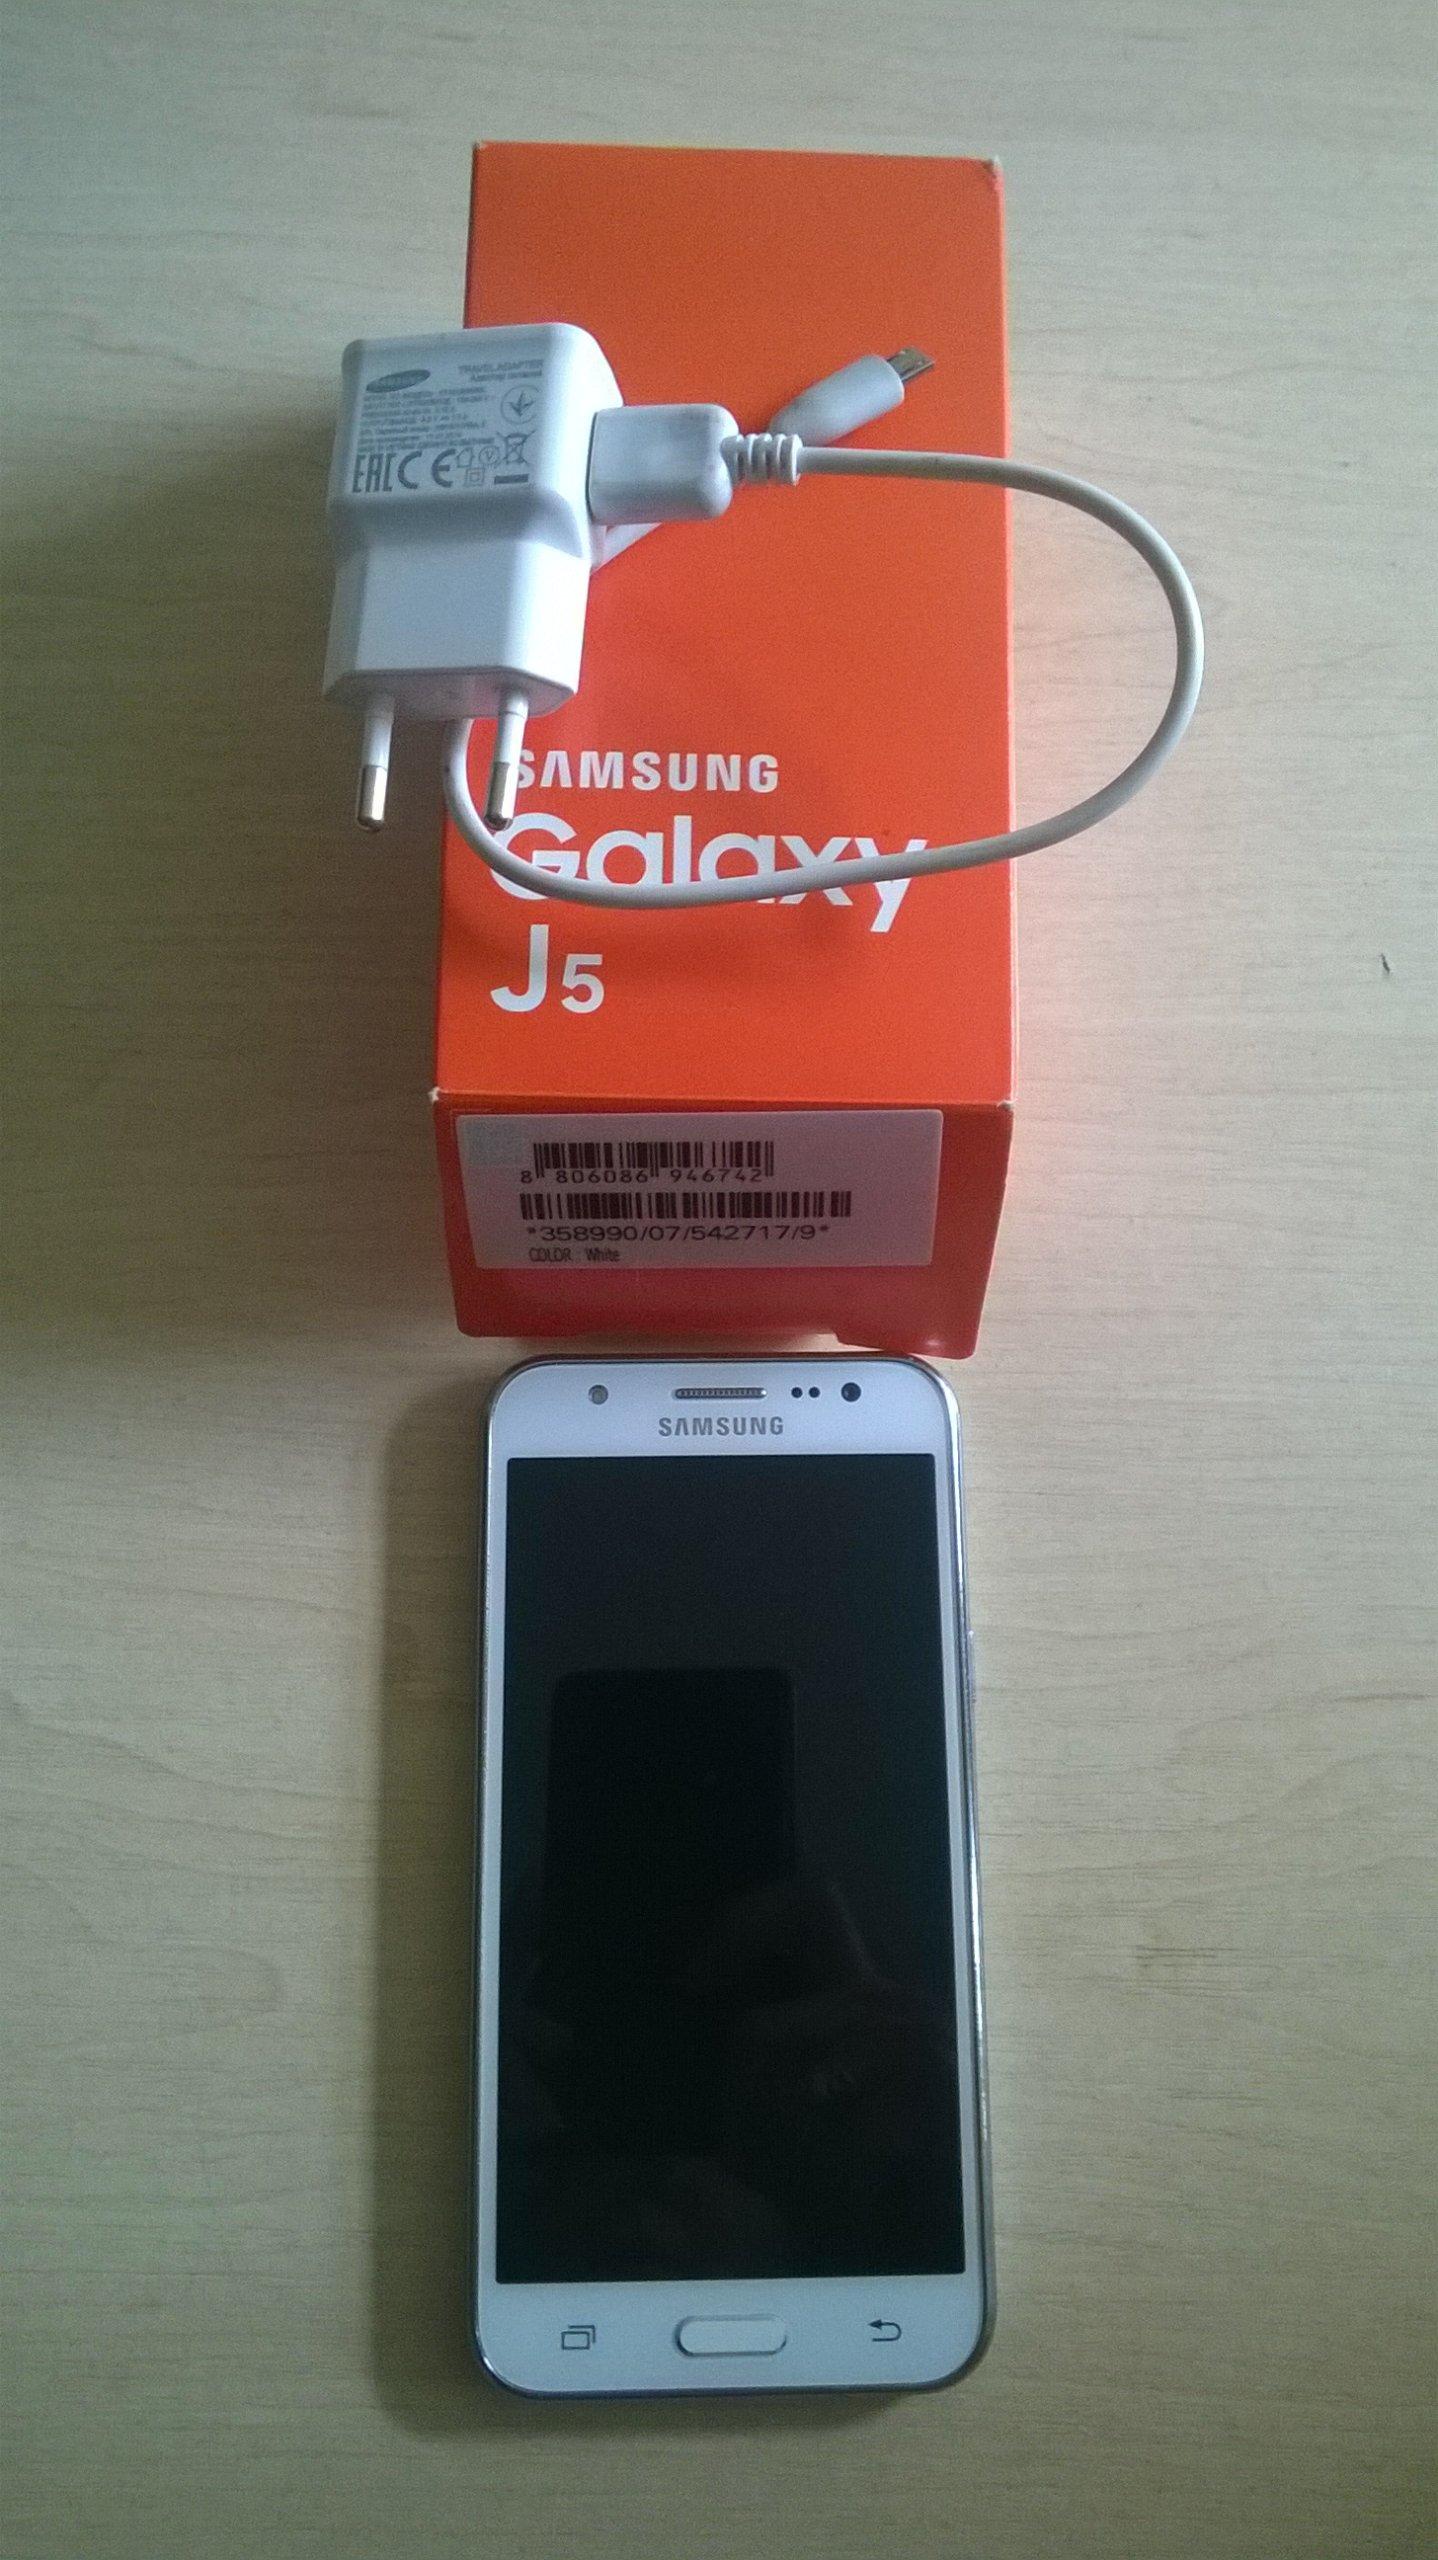 TELEFON SAMSUNG Galaxy J5 od kobiety na gwarancj